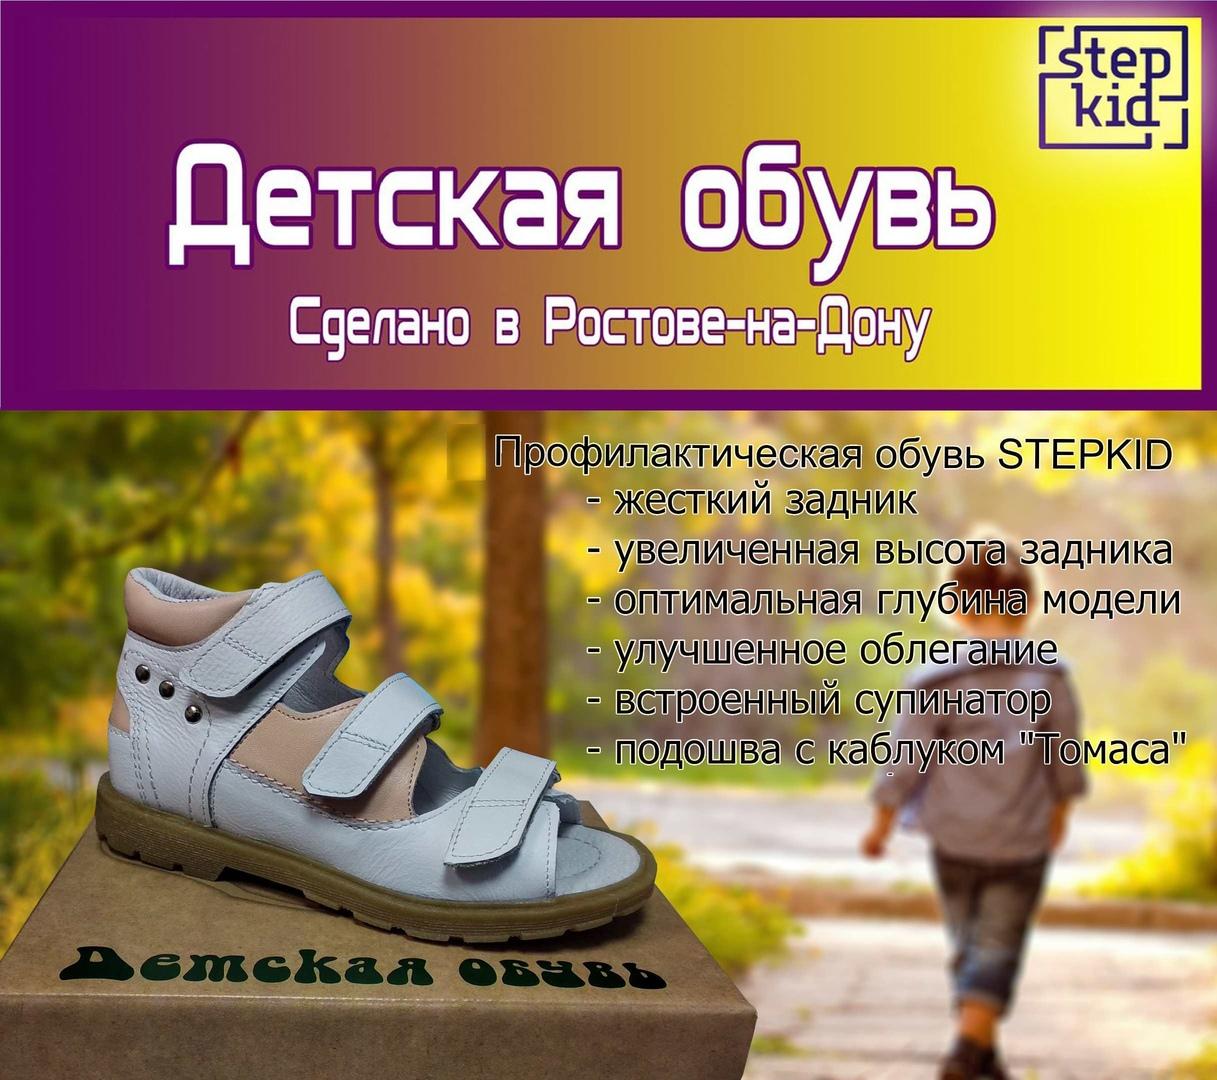 Детская ортопедическая и профилактическая обувь STEPKID  9ZZEnIv5u6w